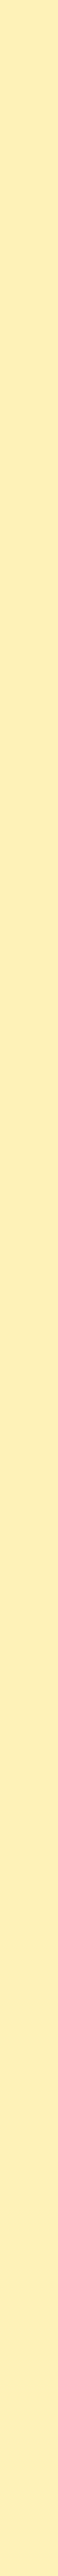 exonemo-JPG2.jpg